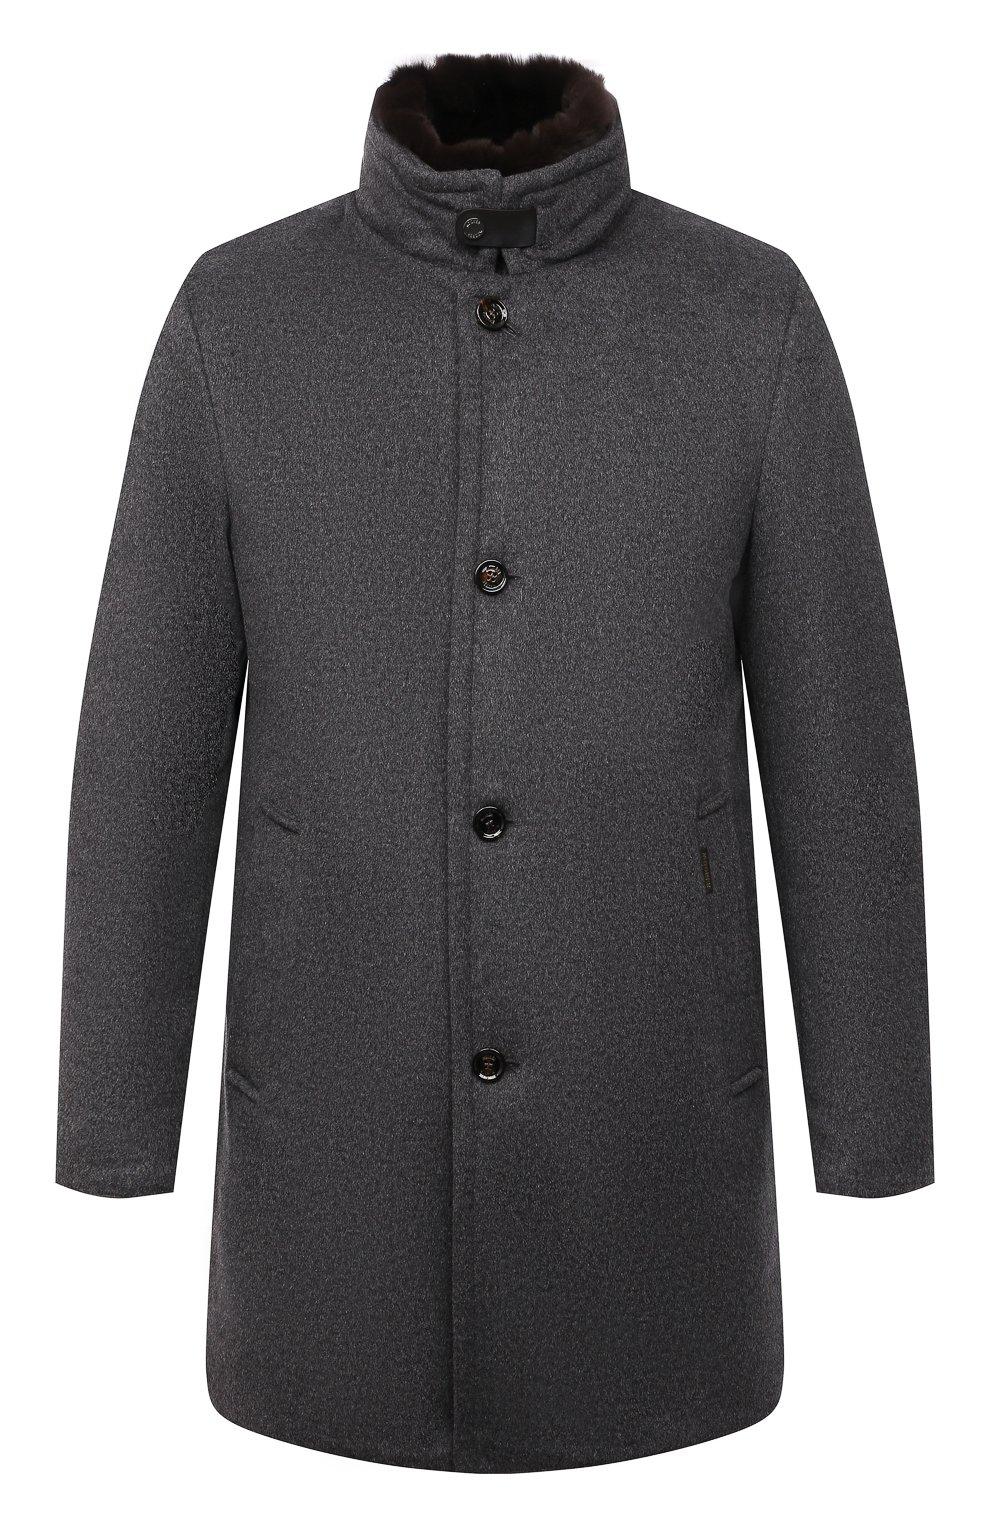 Мужской пальто из шерсти и кашемира bond-fur-le MOORER светло-серого цвета, арт. B0ND-FUR-LE/M0UG2100131-TEPA209   Фото 1 (Материал внешний: Шерсть; Рукава: Длинные; Длина (верхняя одежда): До середины бедра; Стили: Классический; Материал подклада: Синтетический материал; Мужское Кросс-КТ: пальто-верхняя одежда; Материал утеплителя: Пух и перо)